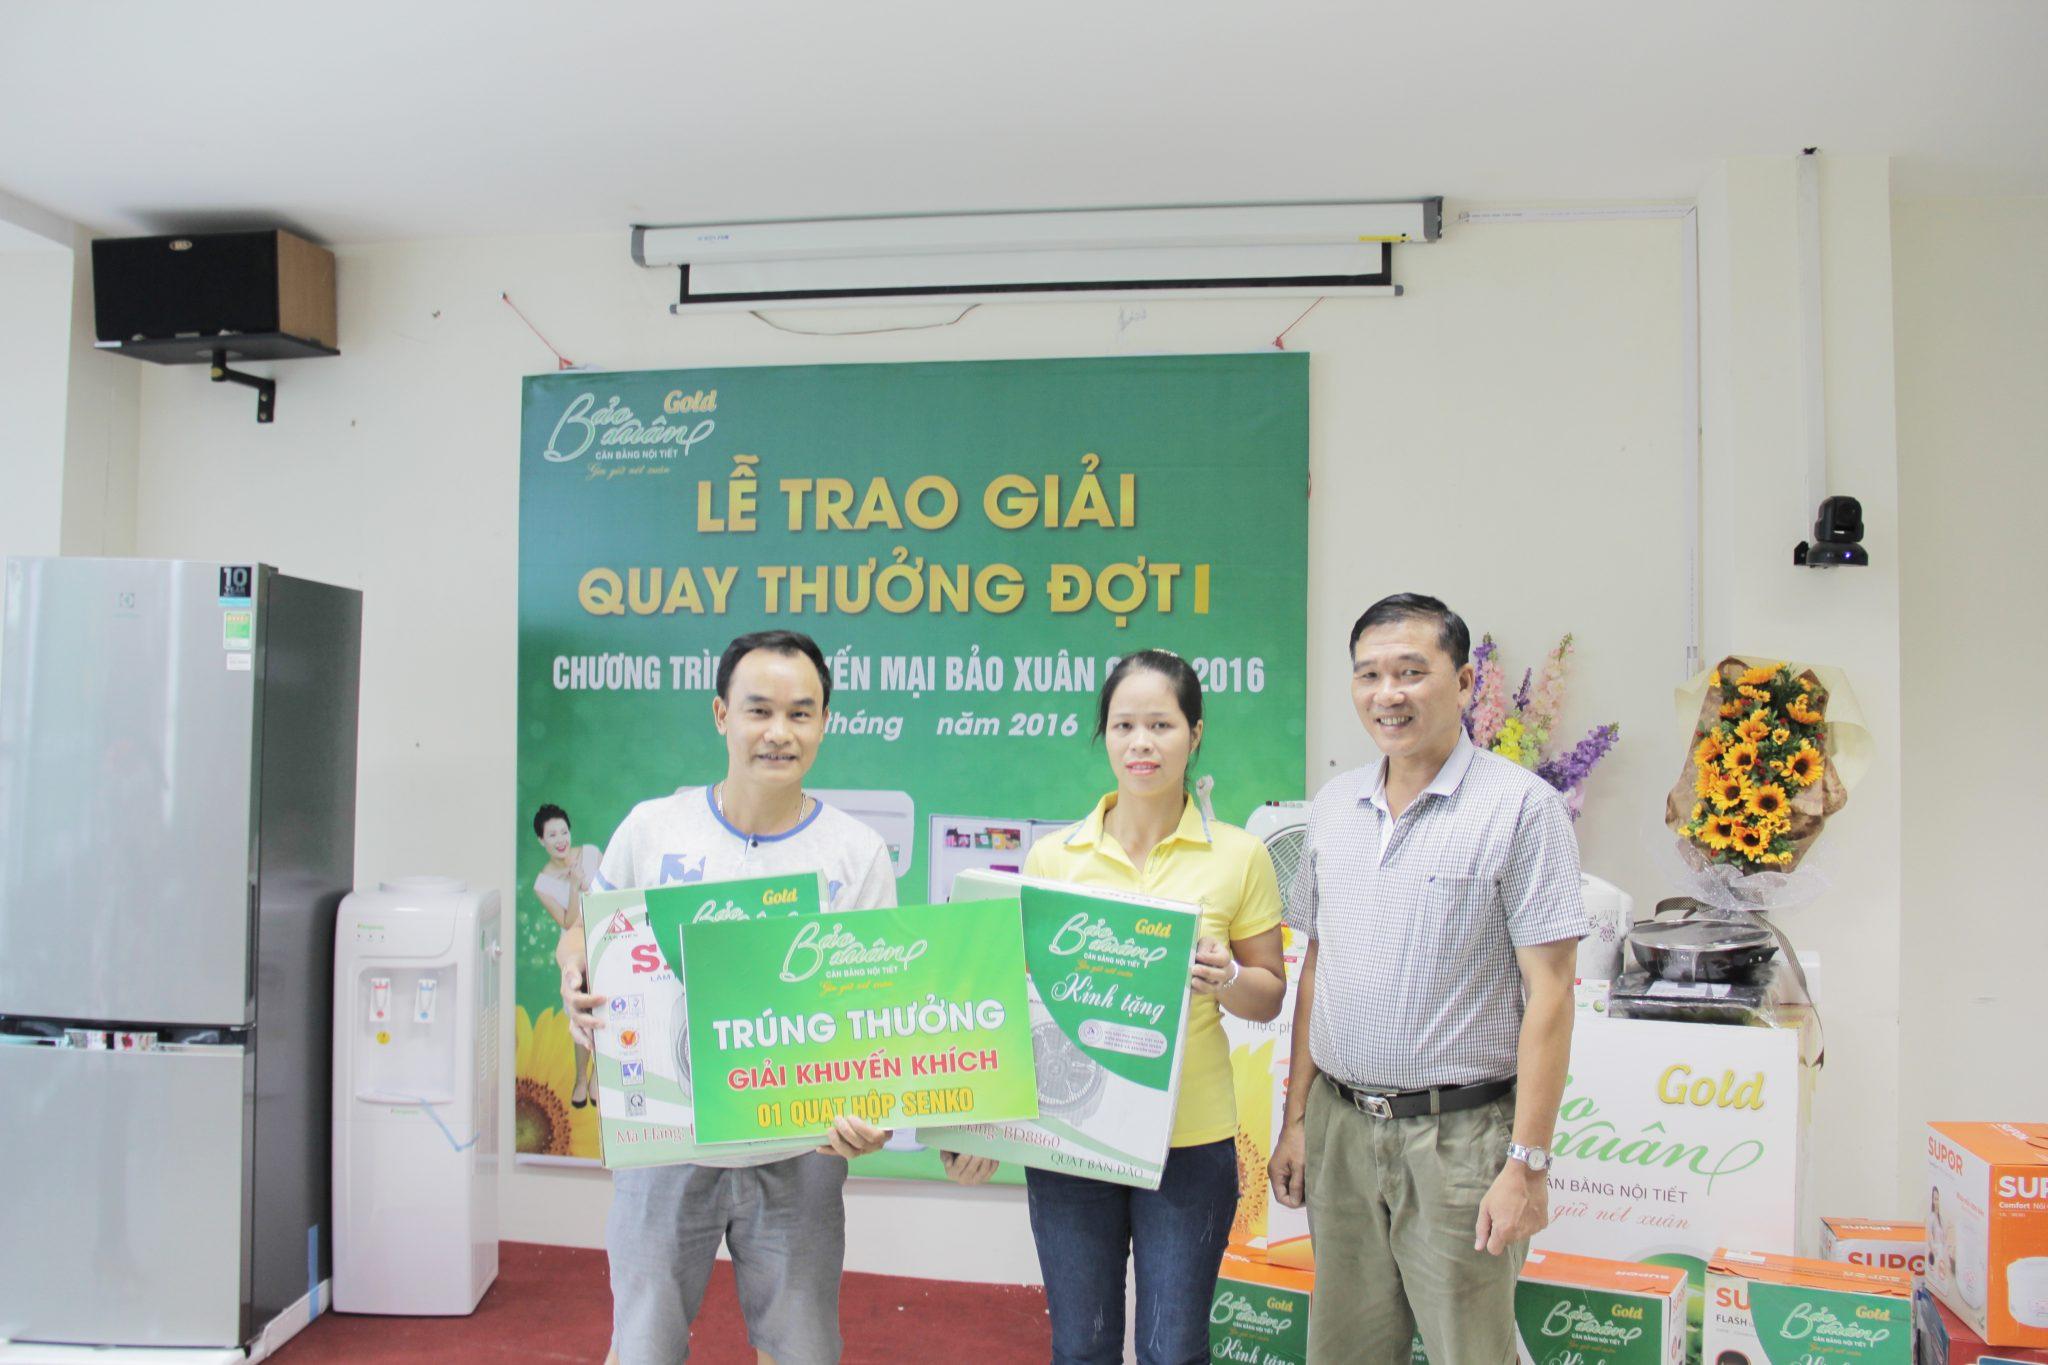 Ong-Hoang-Minh-Cuong-Co-van-tai-chinh-trao-giai-3